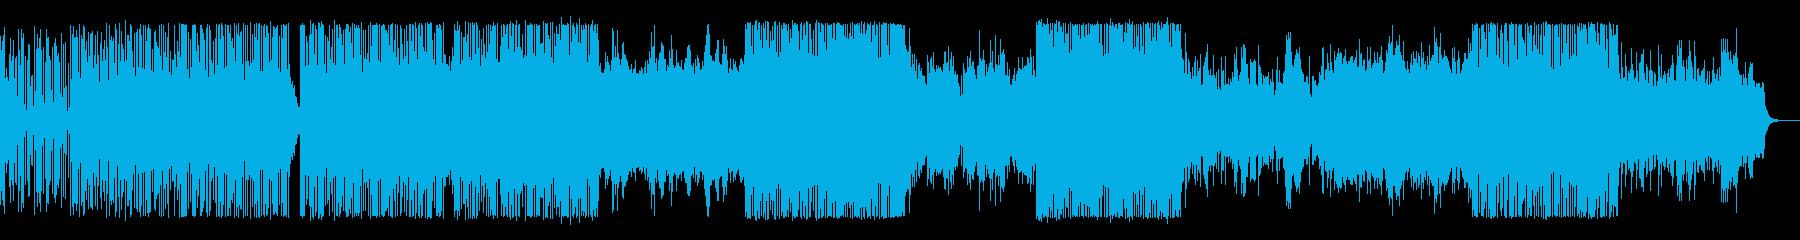 ビート感の強い破滅的で暴力的な電子音楽の再生済みの波形